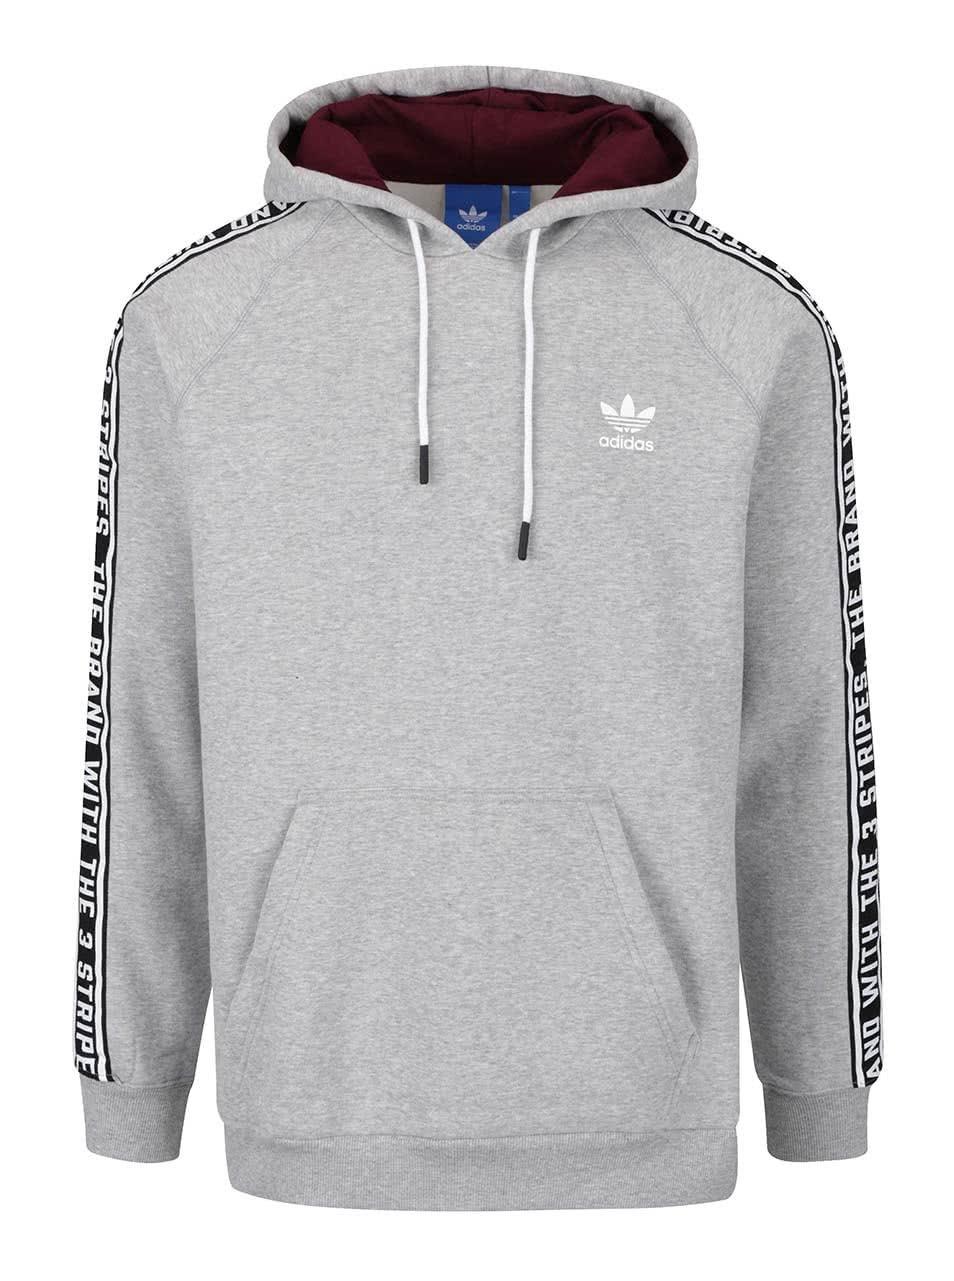 Světle šedá pánská mikina s potiskem adidas Originals ... 698630a25a5